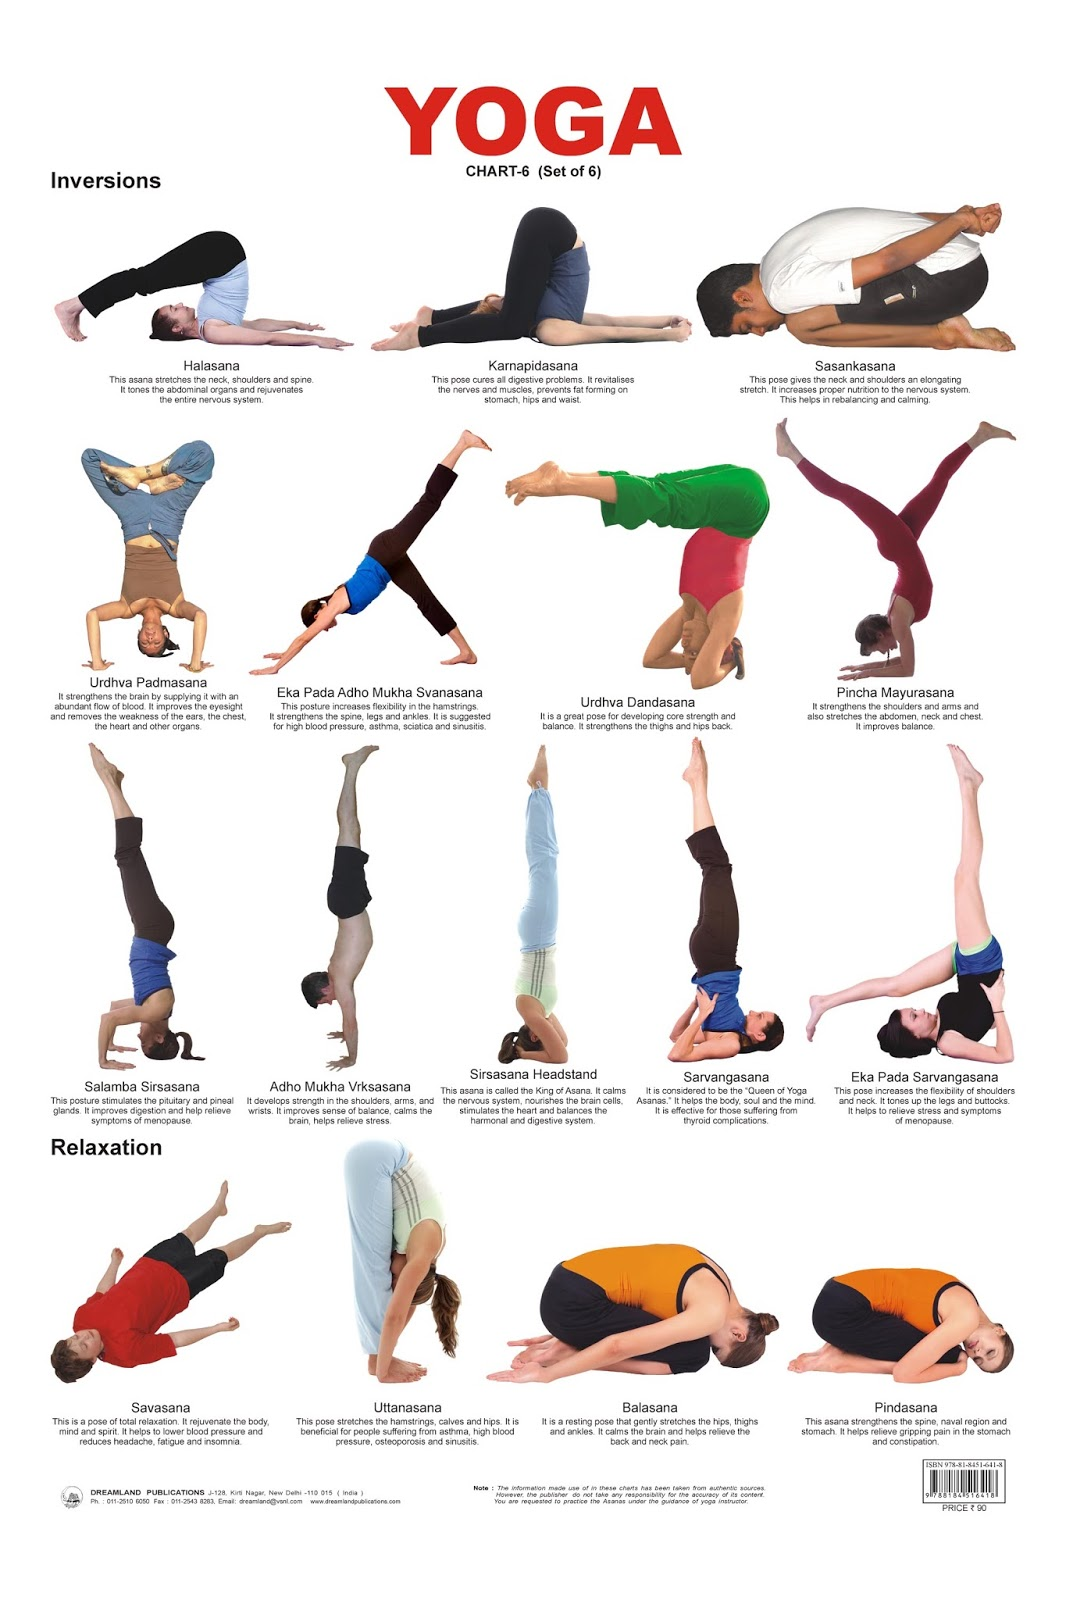 Yoga Poses For Beginner